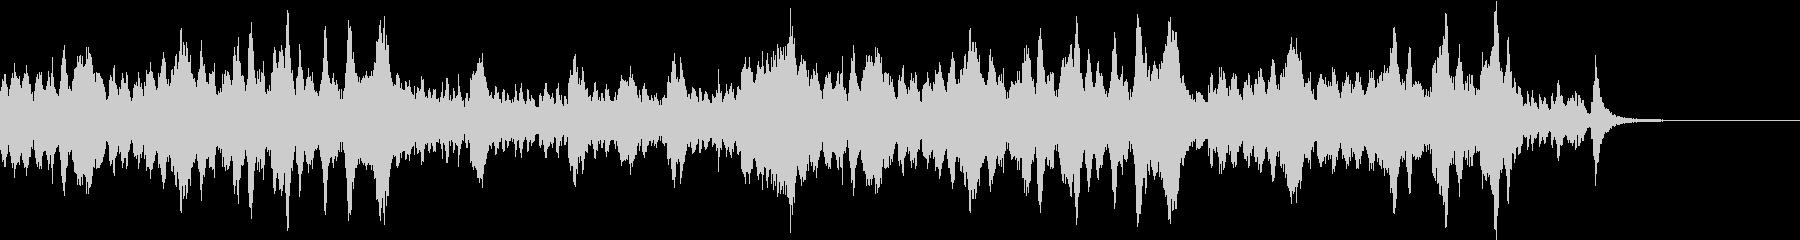 ディズニー風 明るいハッピーなBGM の未再生の波形